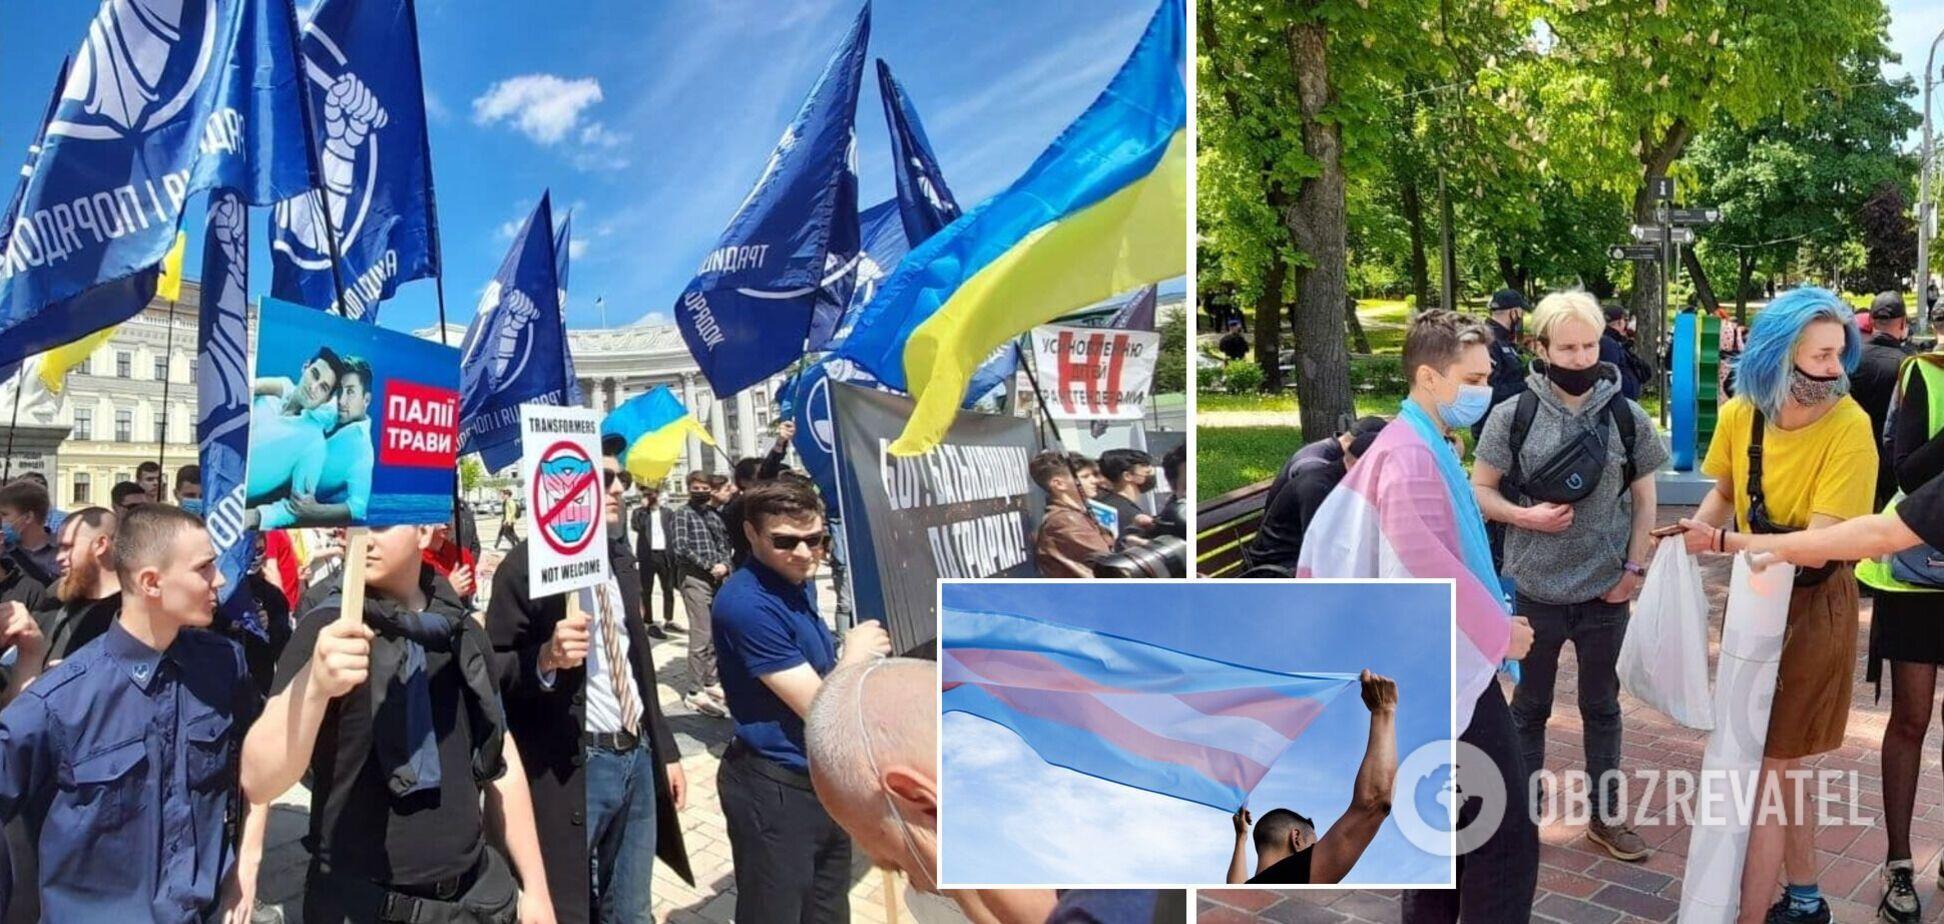 У Києві з затриманнями й сутичками пройшов марш трансгендерів. Усі деталі, фото і відео